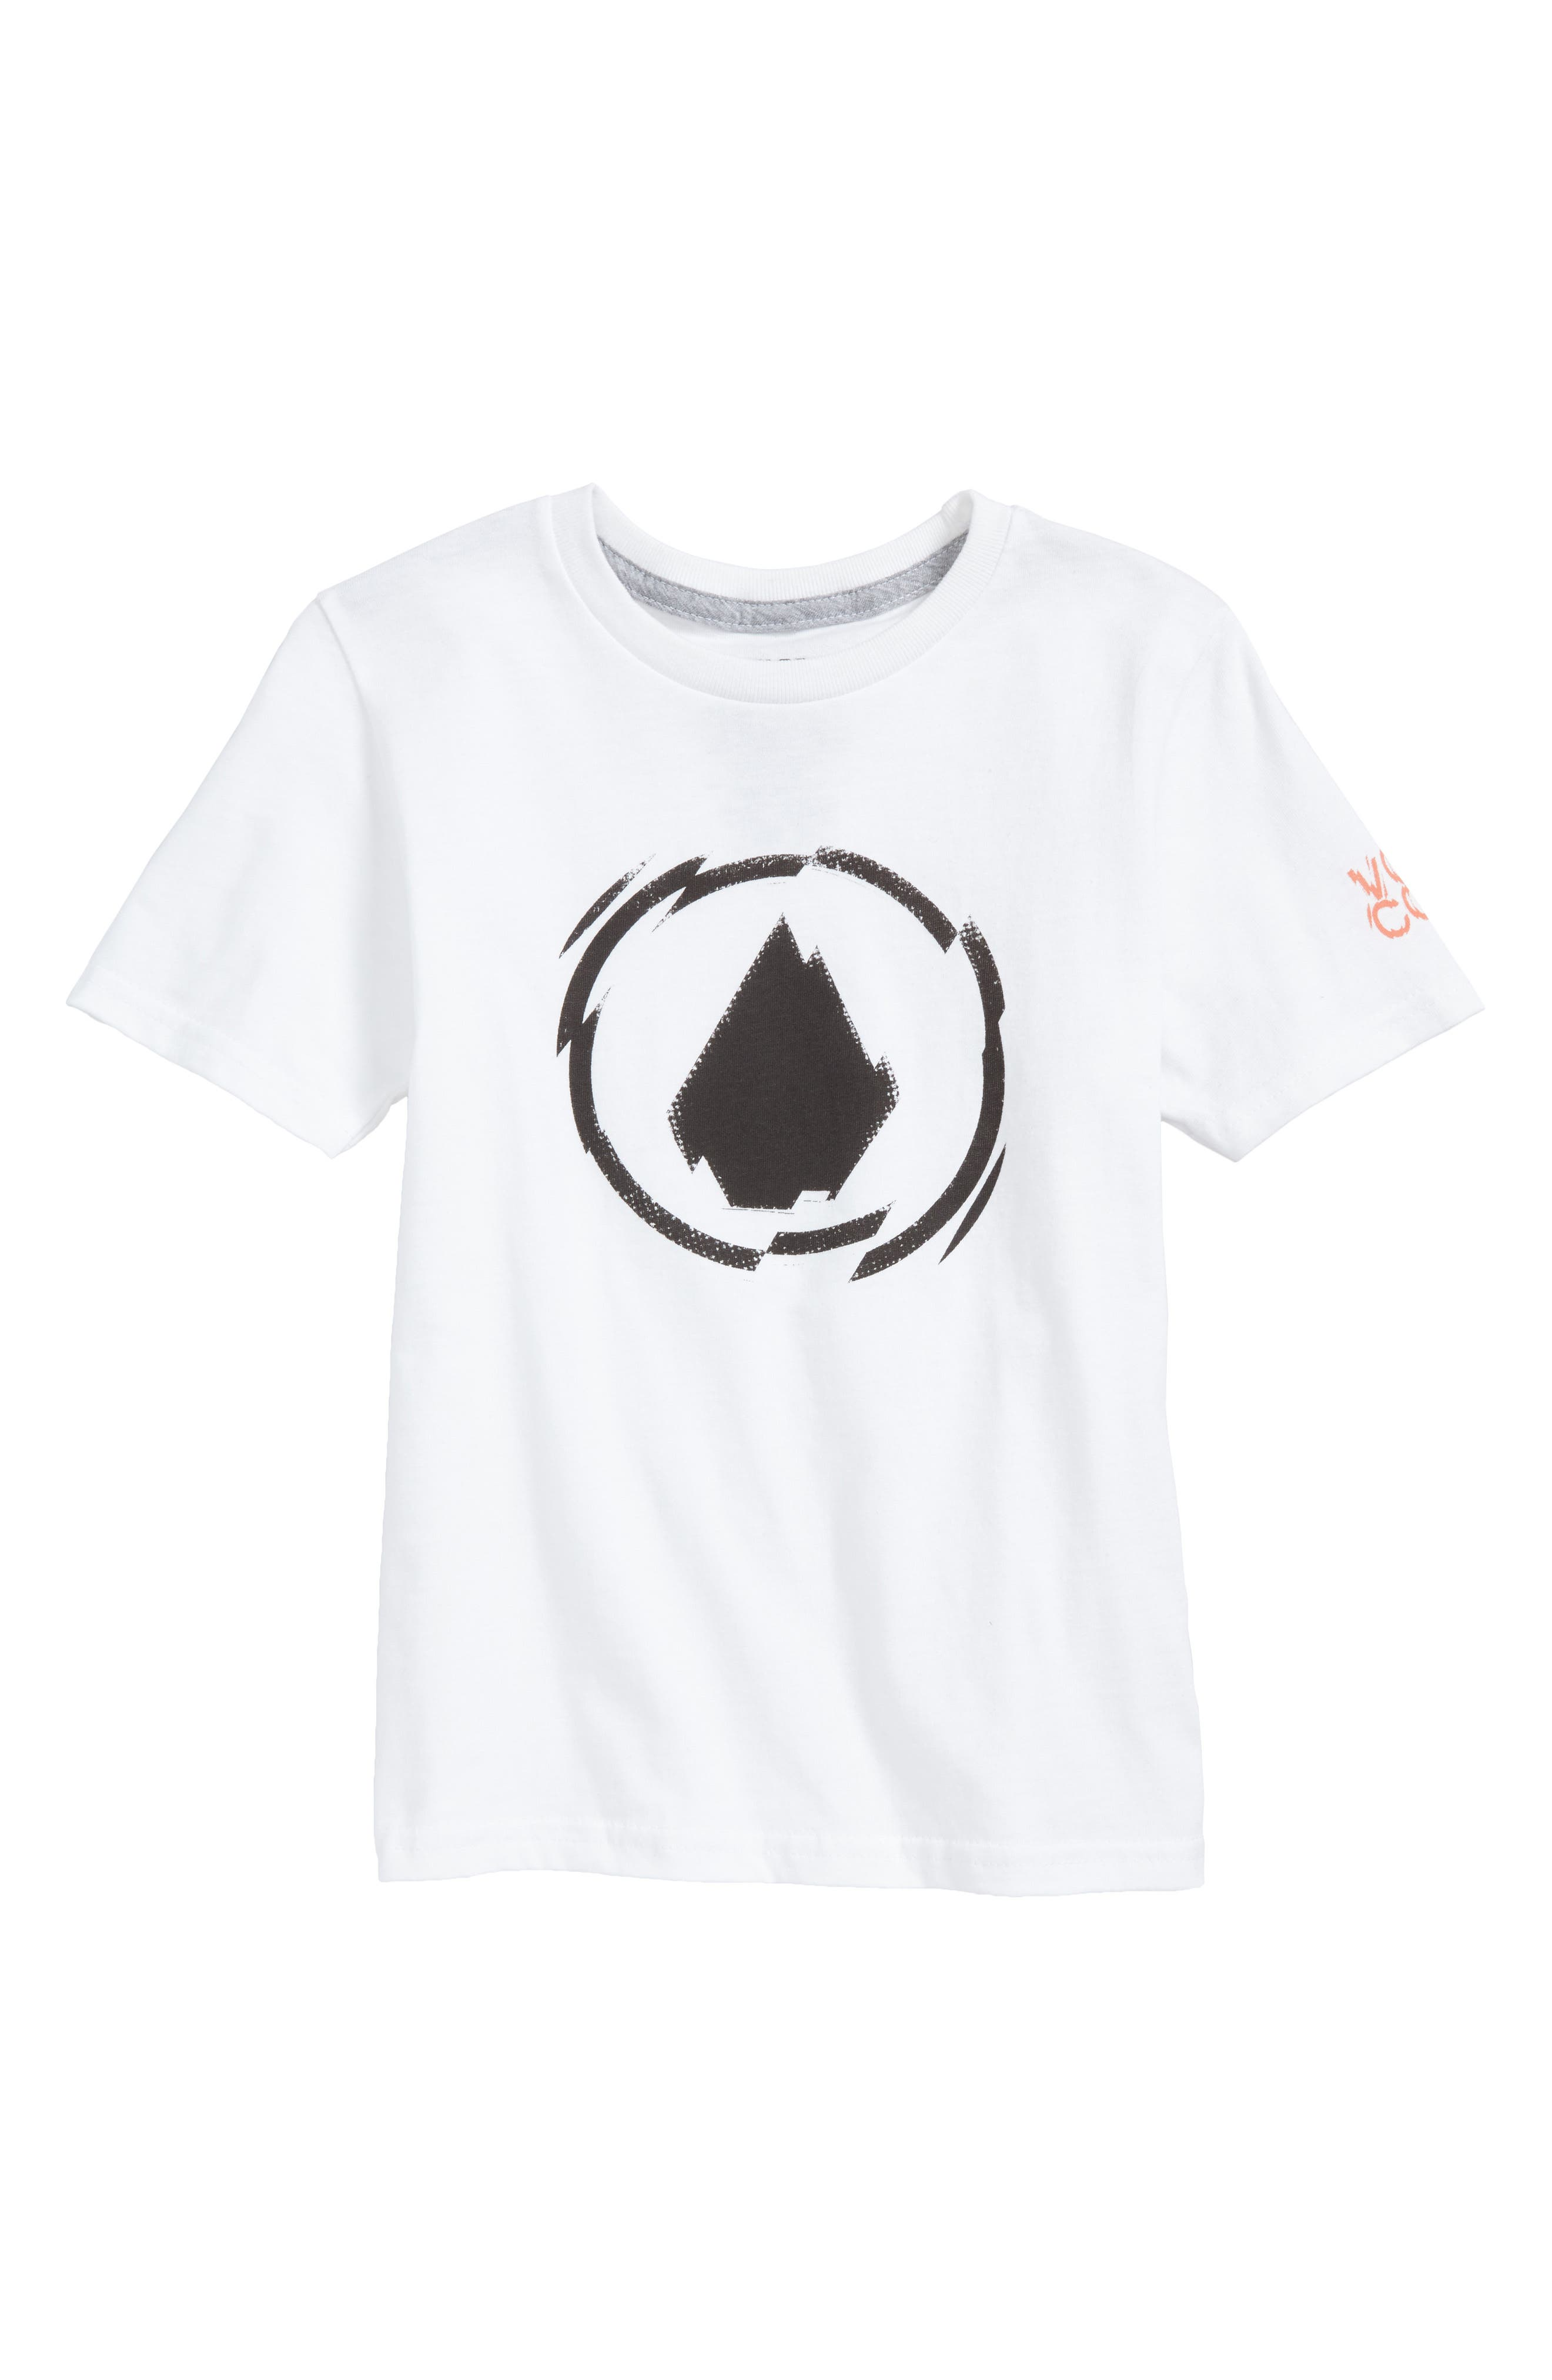 Main Image - Volcom Shatter T-Shirt (Toddler Boys & Little Boys)